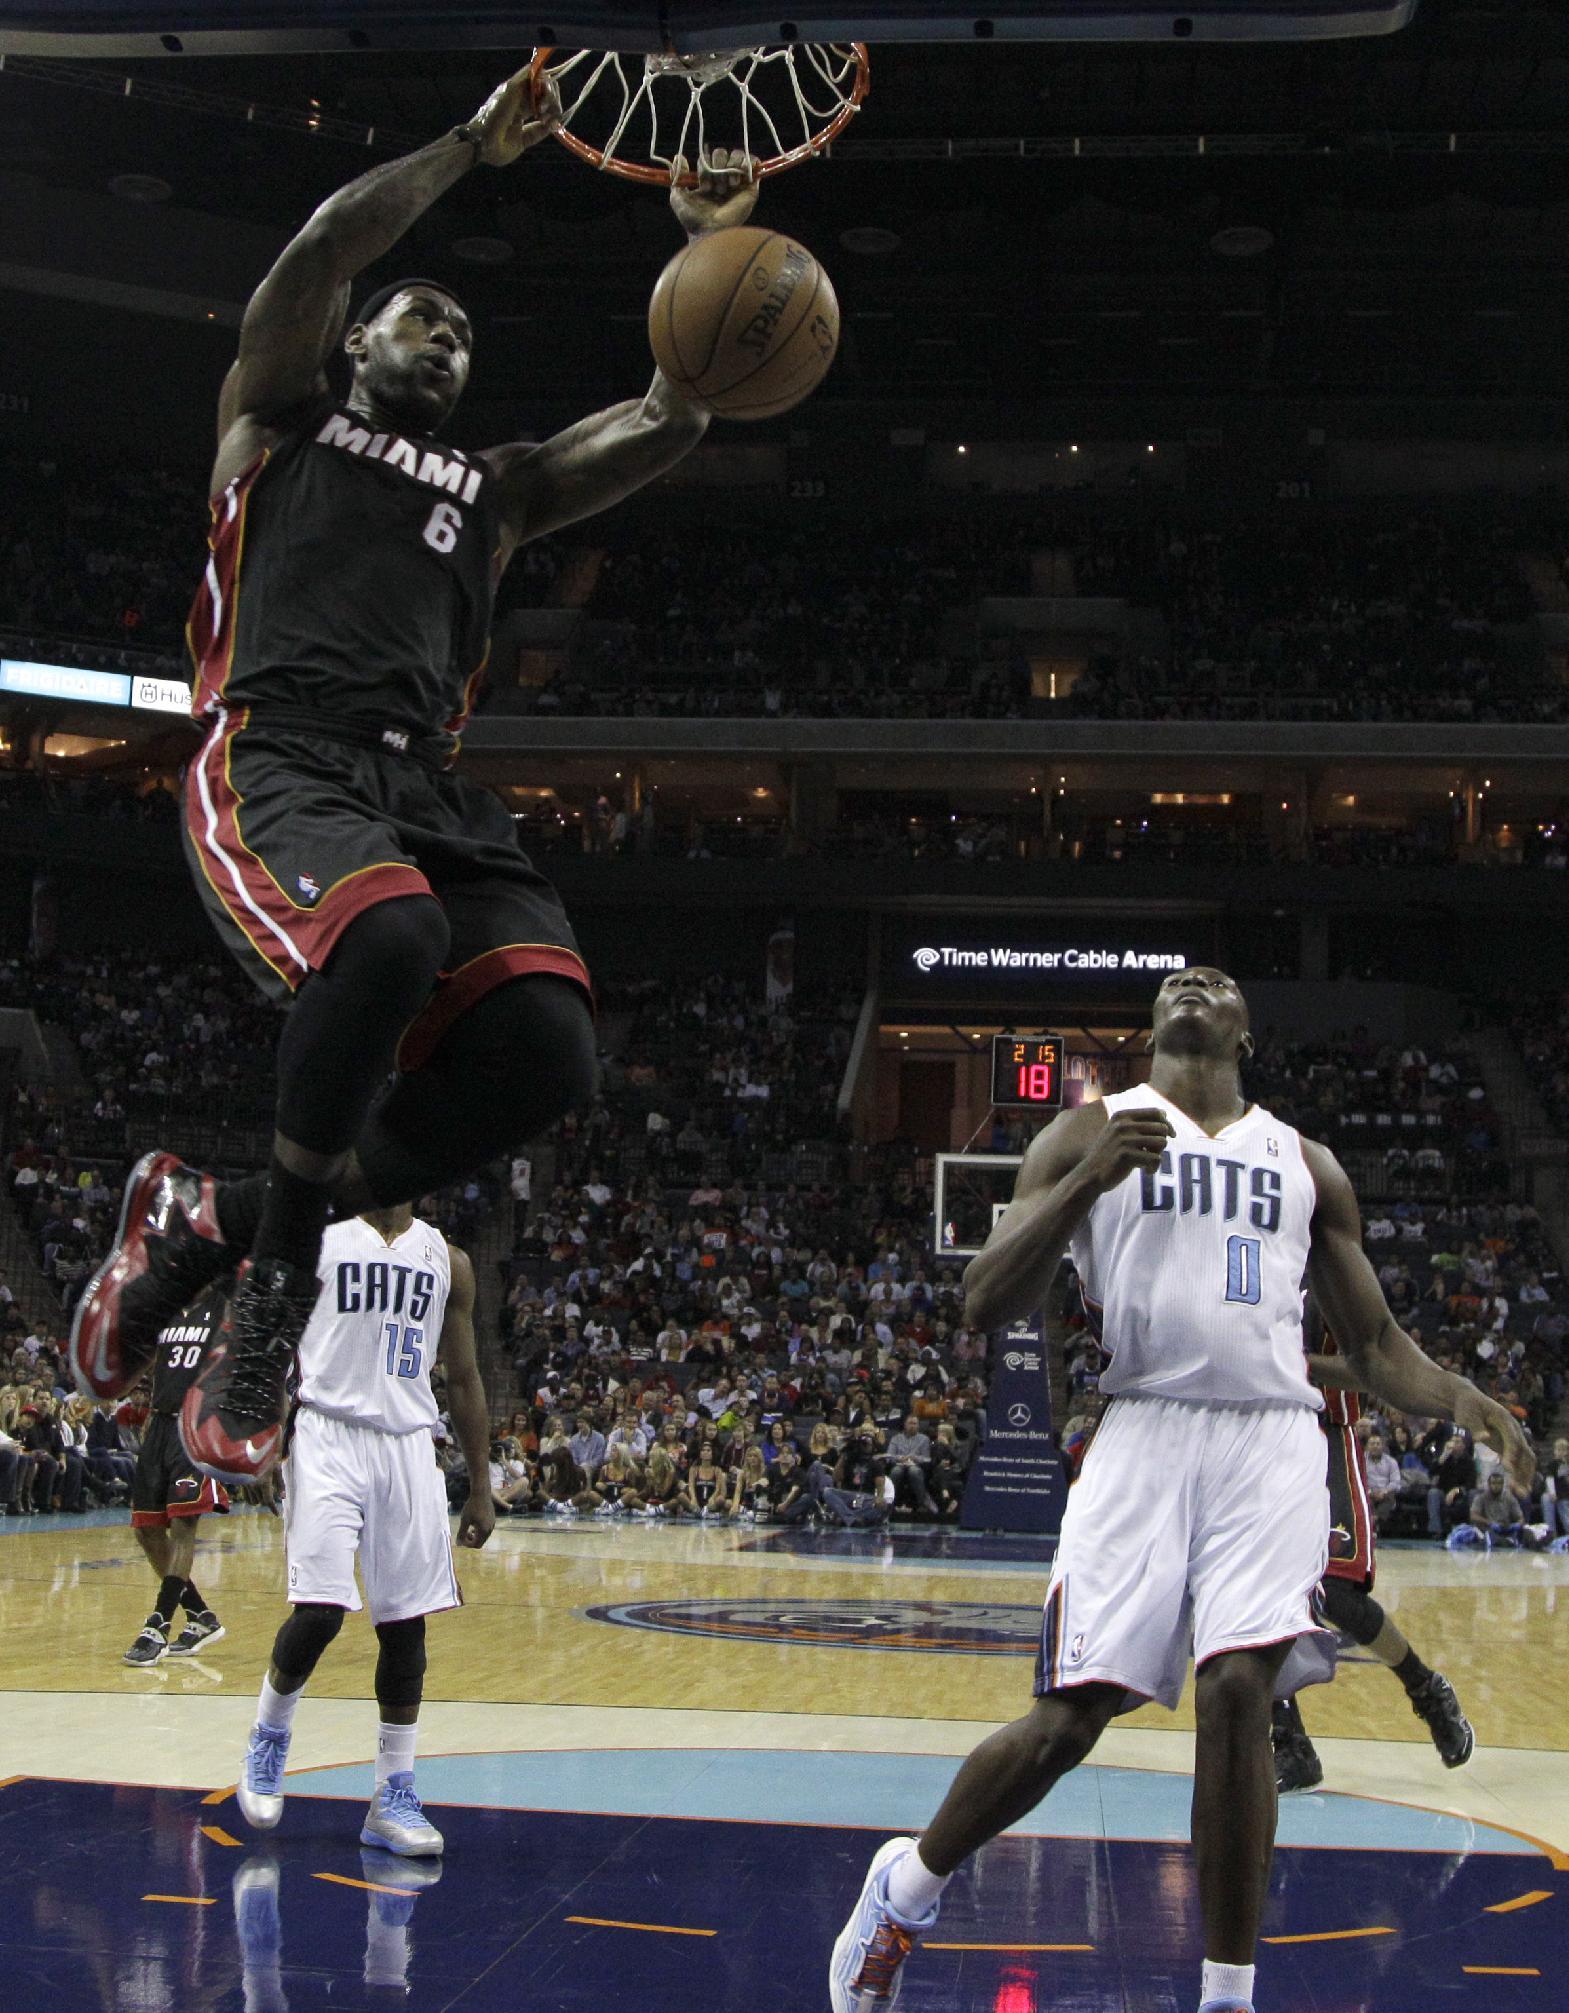 James scores 30 as Heat defeat Bobcats 97-81